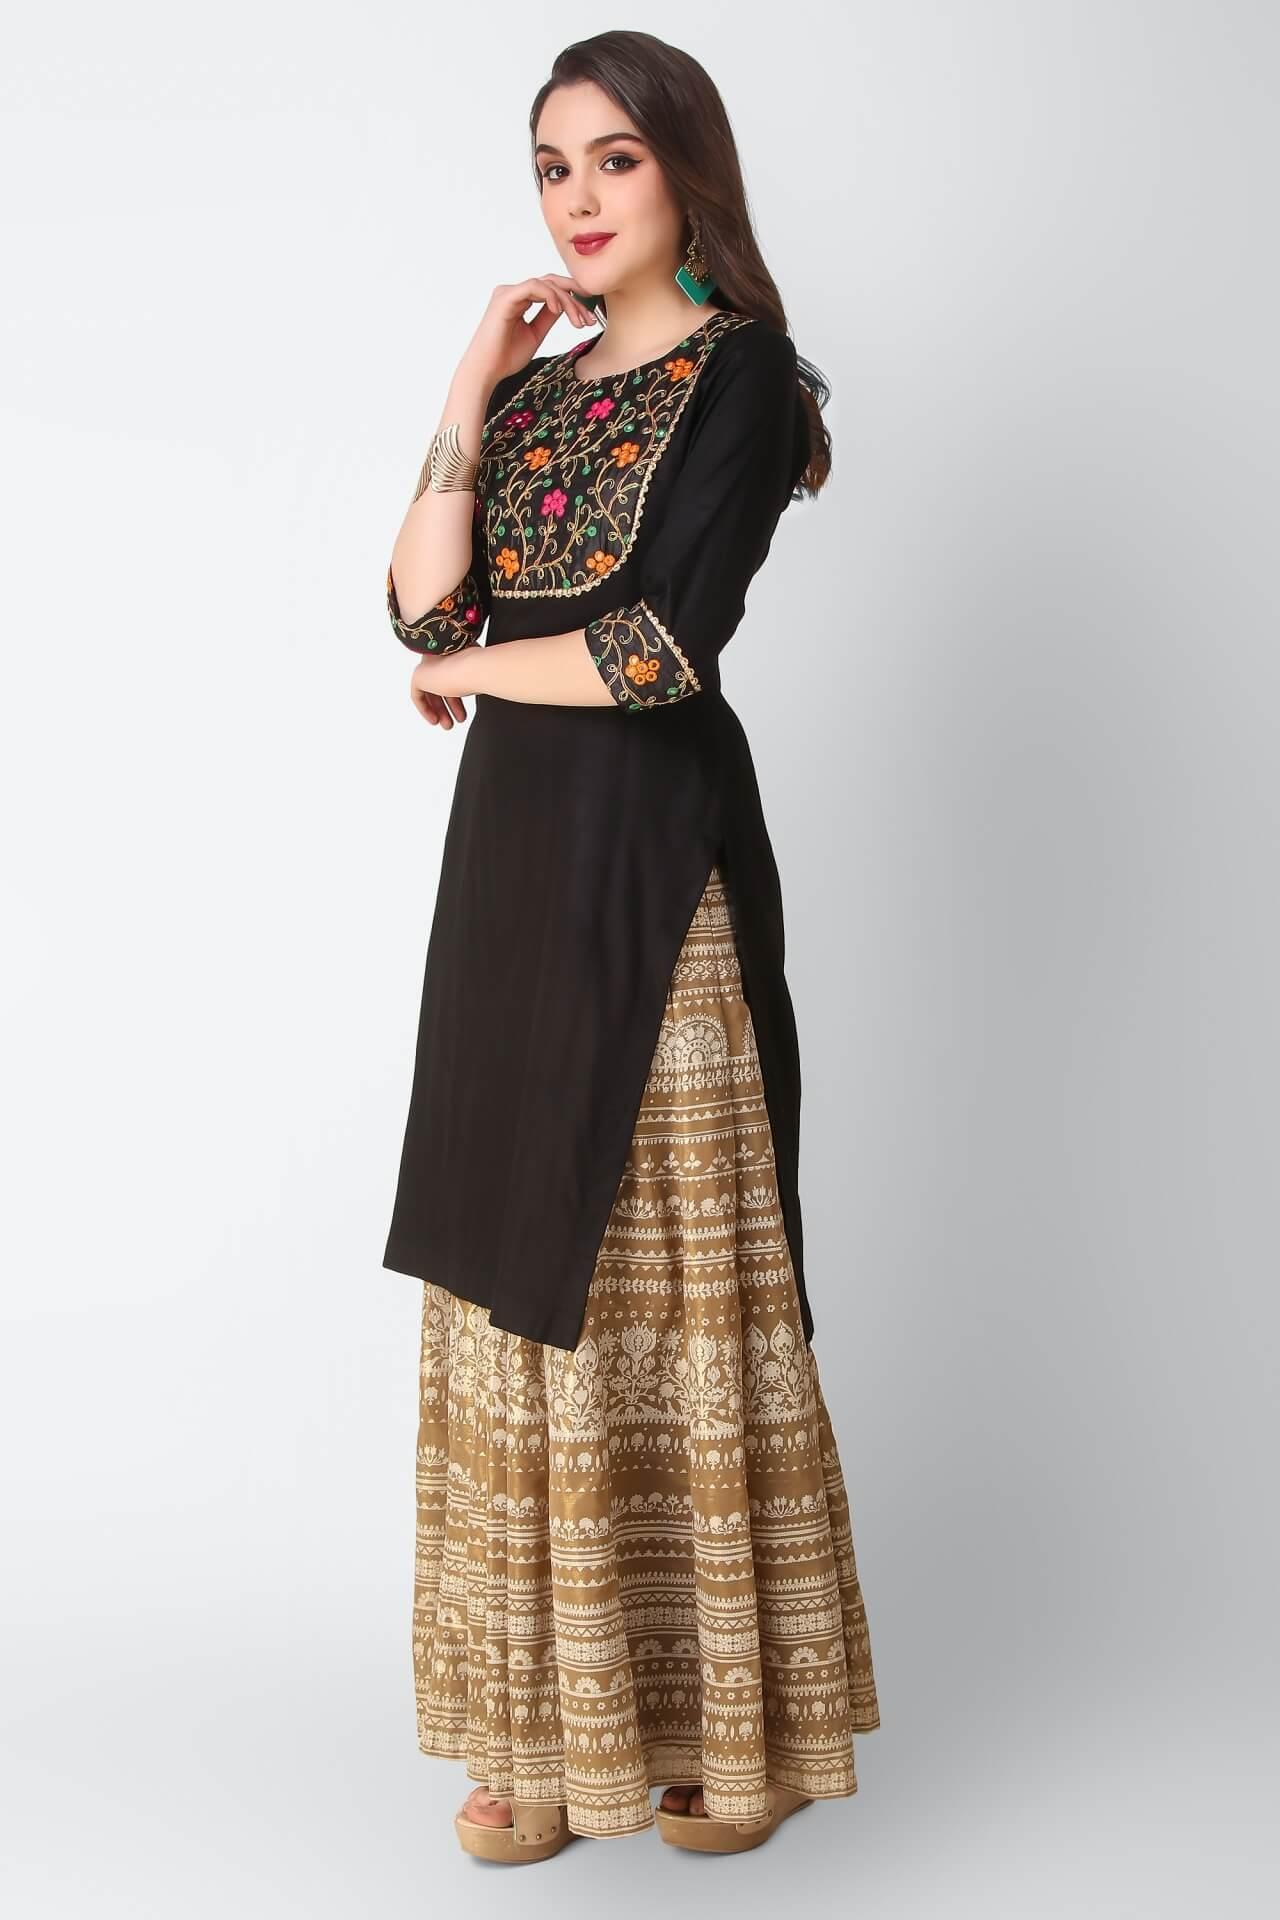 Black Kurti With Resham Dori And Mirror Work